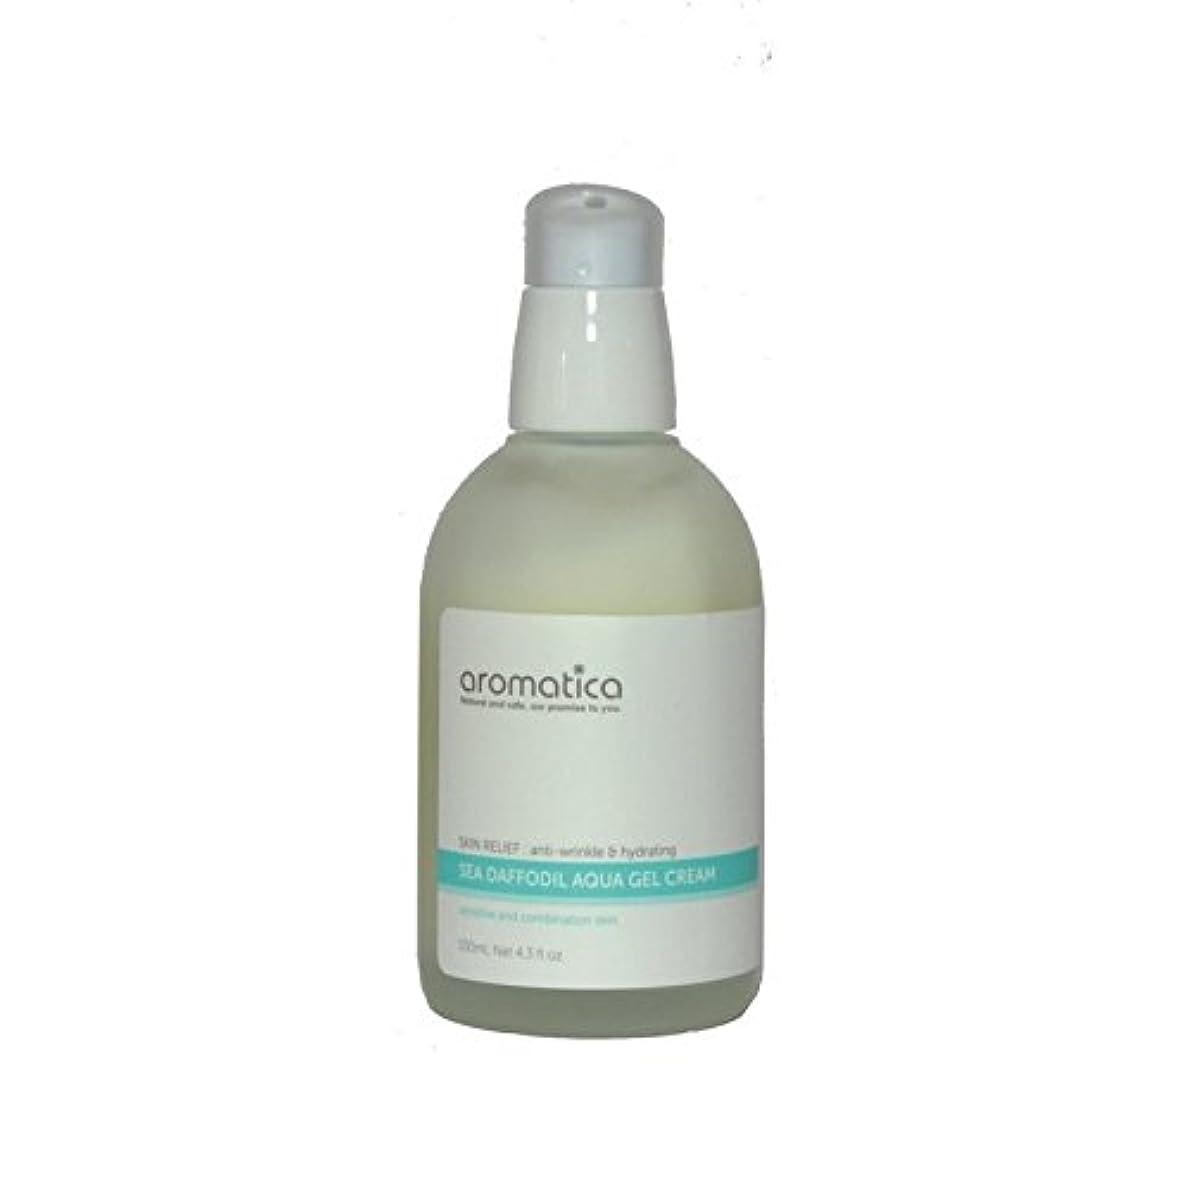 パトワ翻訳する修正aromatica Sea Daffodil Aqua Gel Cream 100ml - 海水仙アクアゲルクリーム100ミリリットル [並行輸入品]